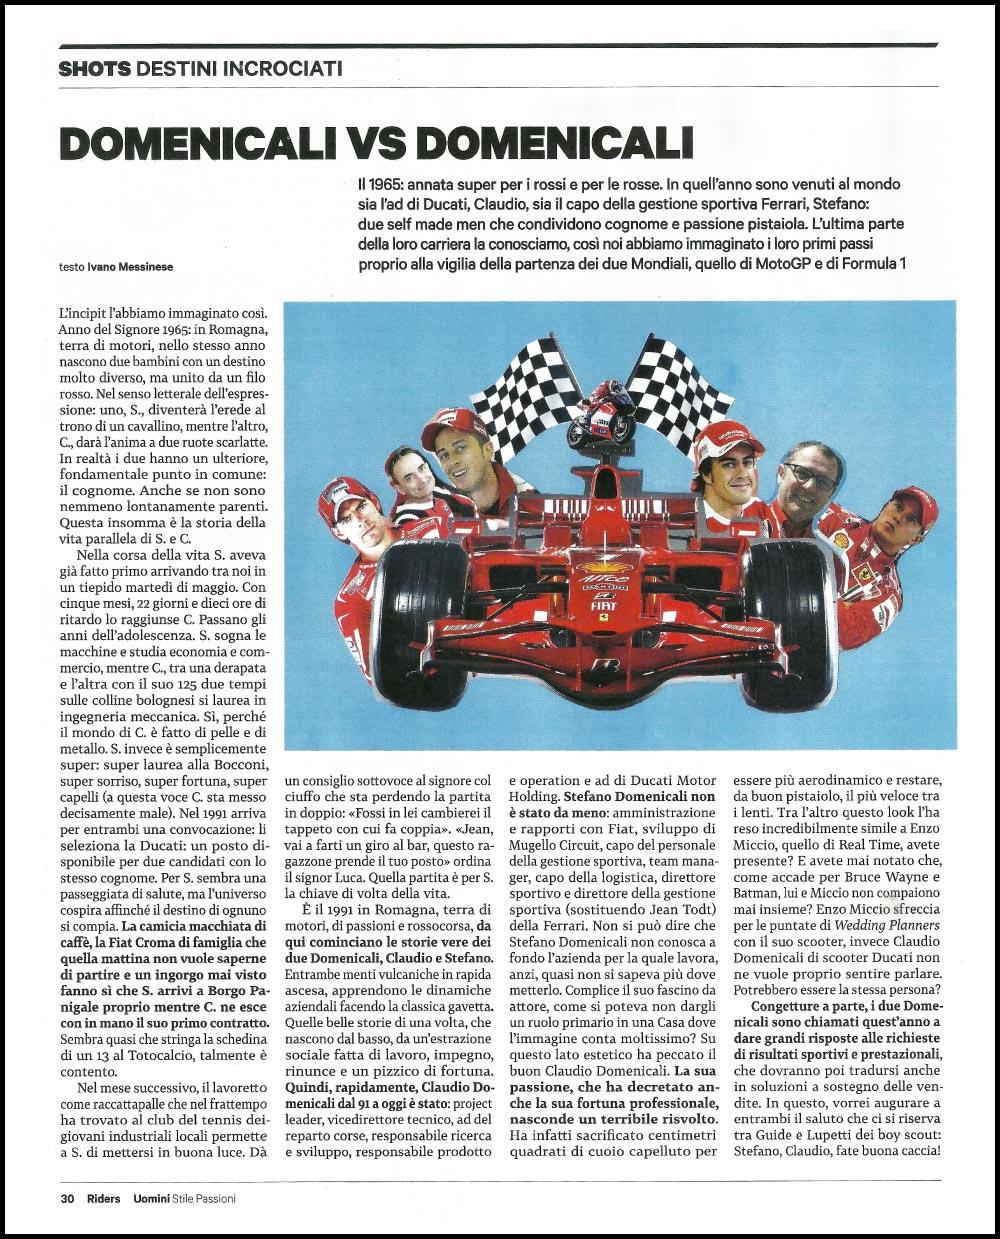 riders-70-domenicali-ducati-ferrari